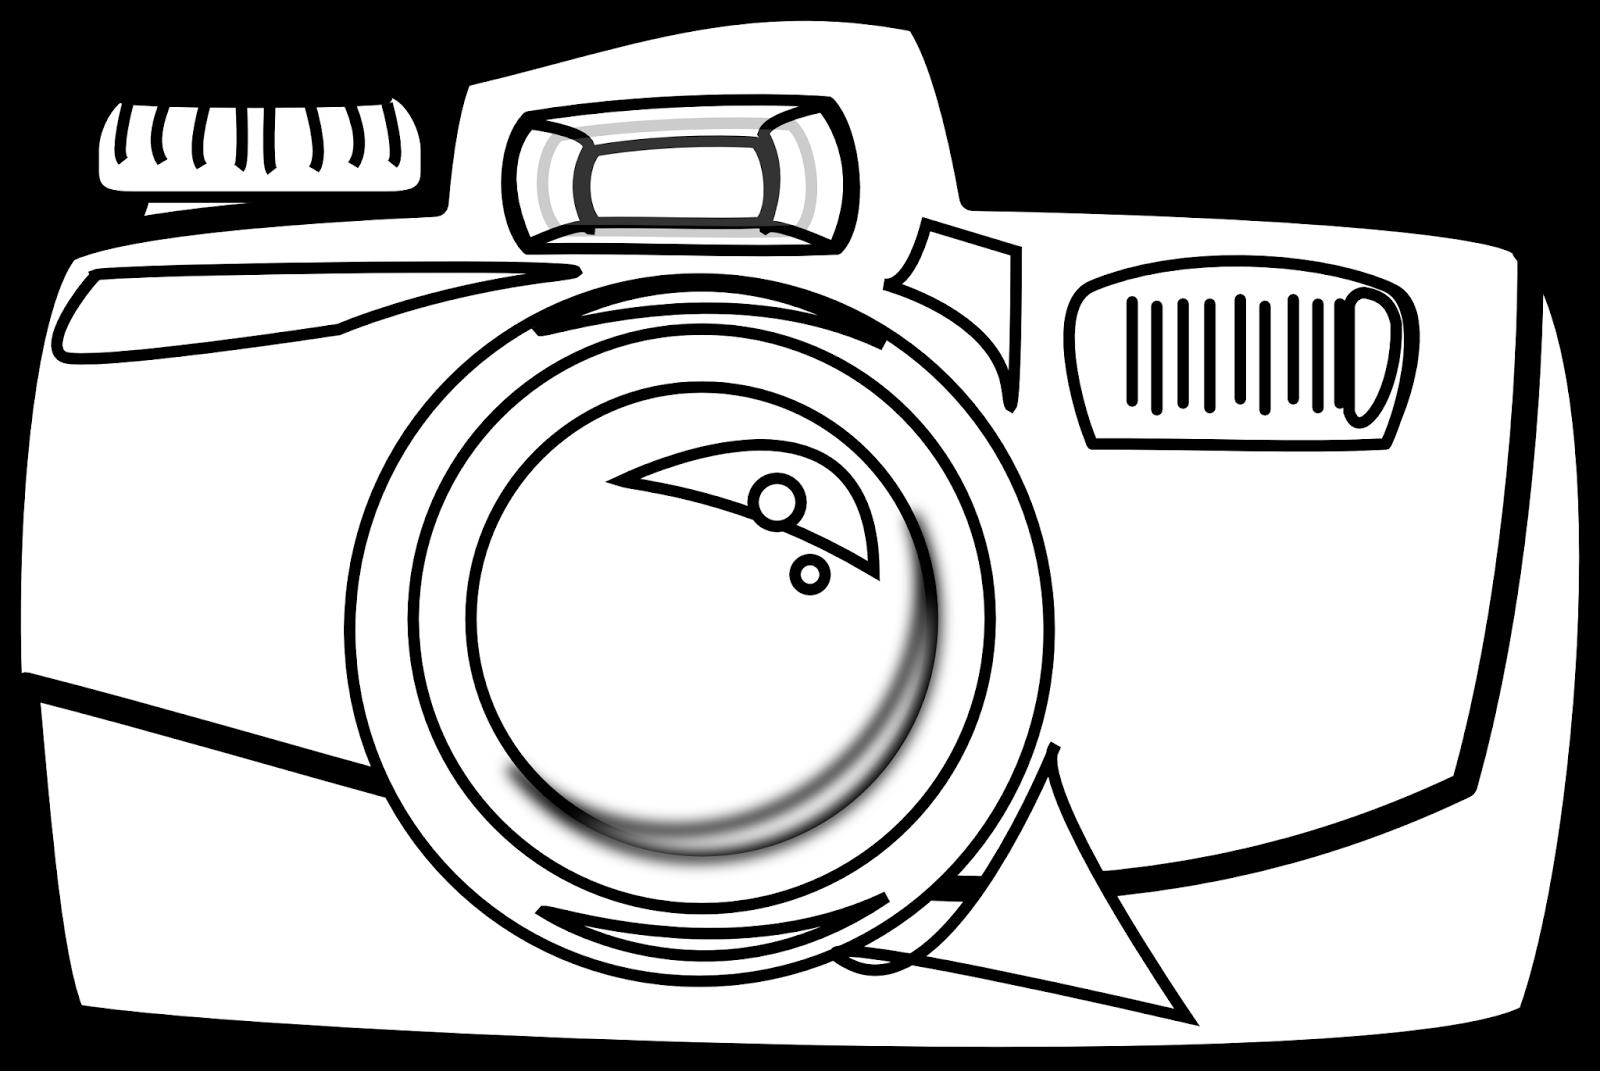 royalty free library Cartoon Camera Drawing at GetDrawings